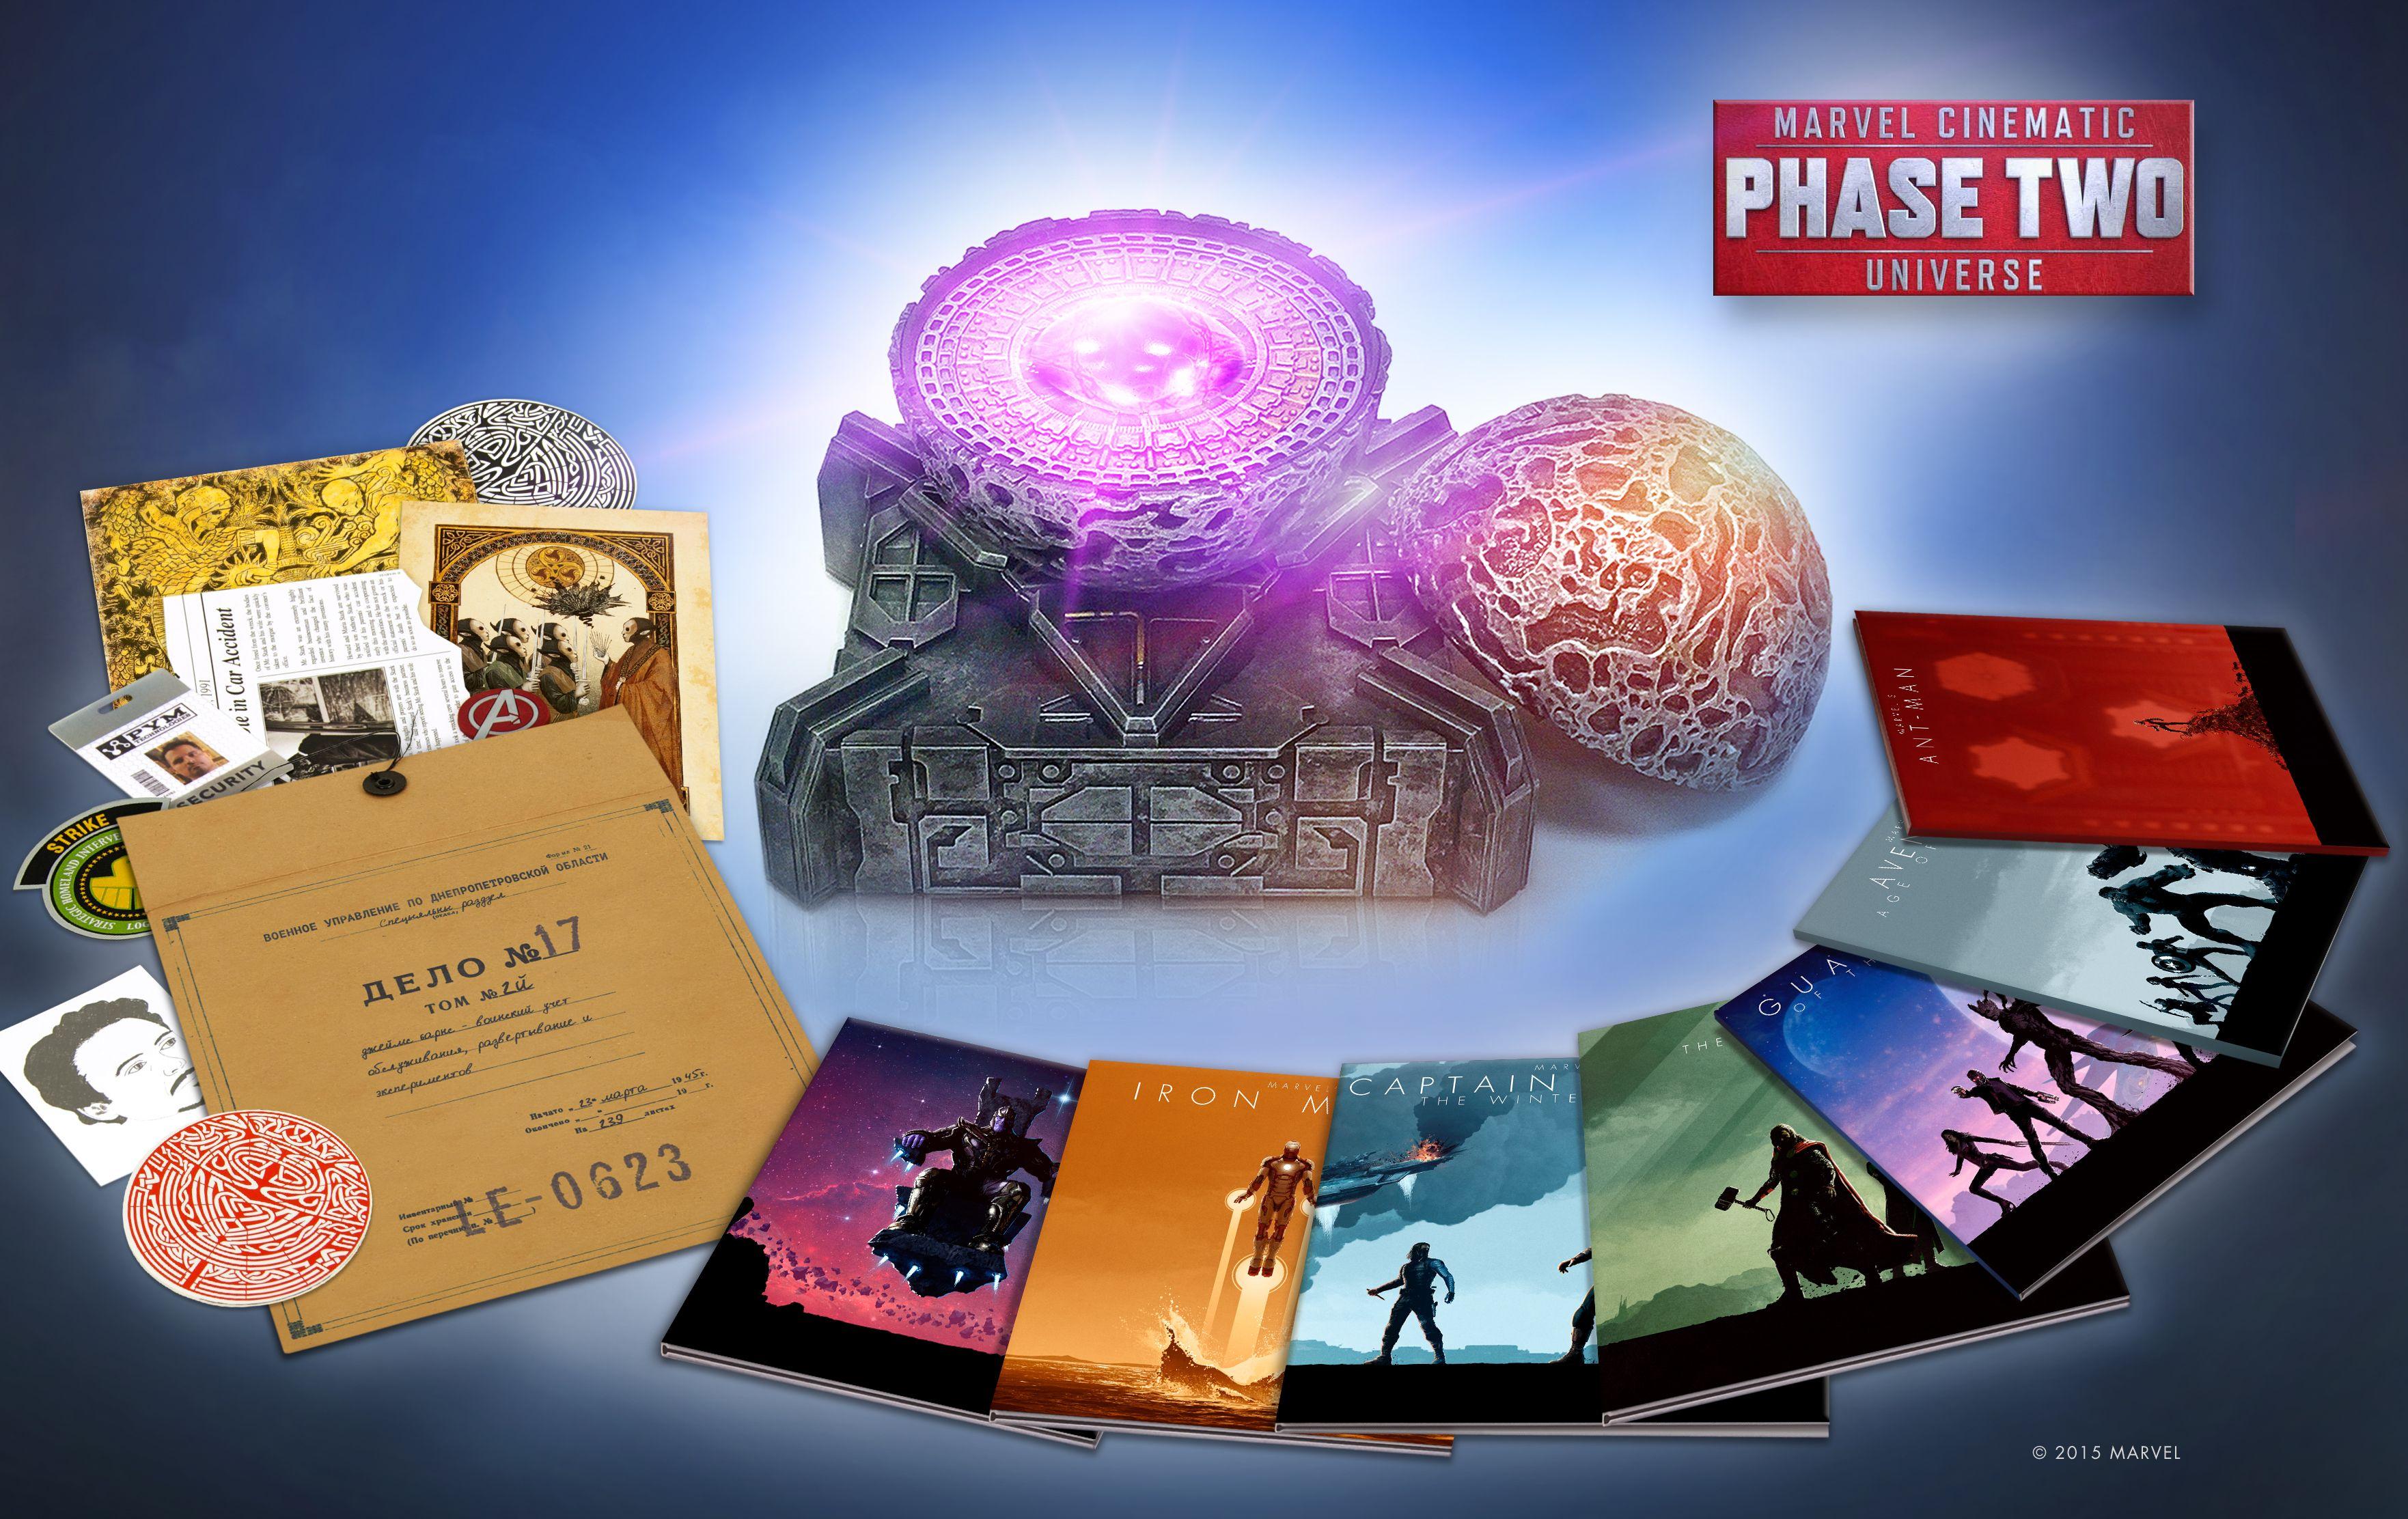 MCU Phase 2 Box Set Image